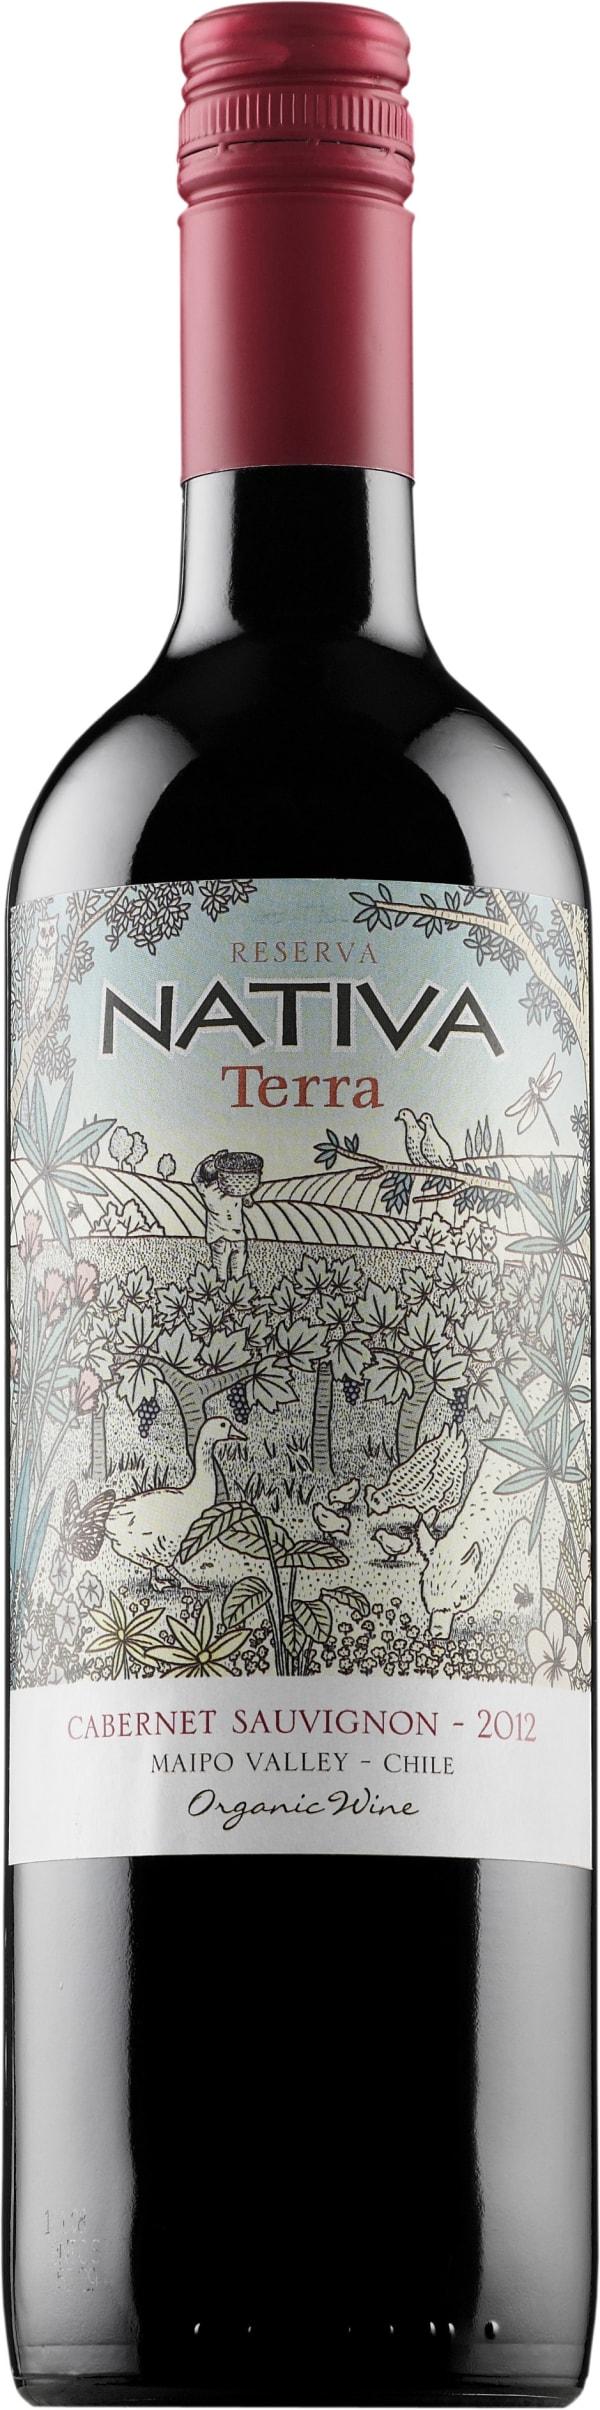 Nativa Terra Reserva Cabernet Sauvignon 2015